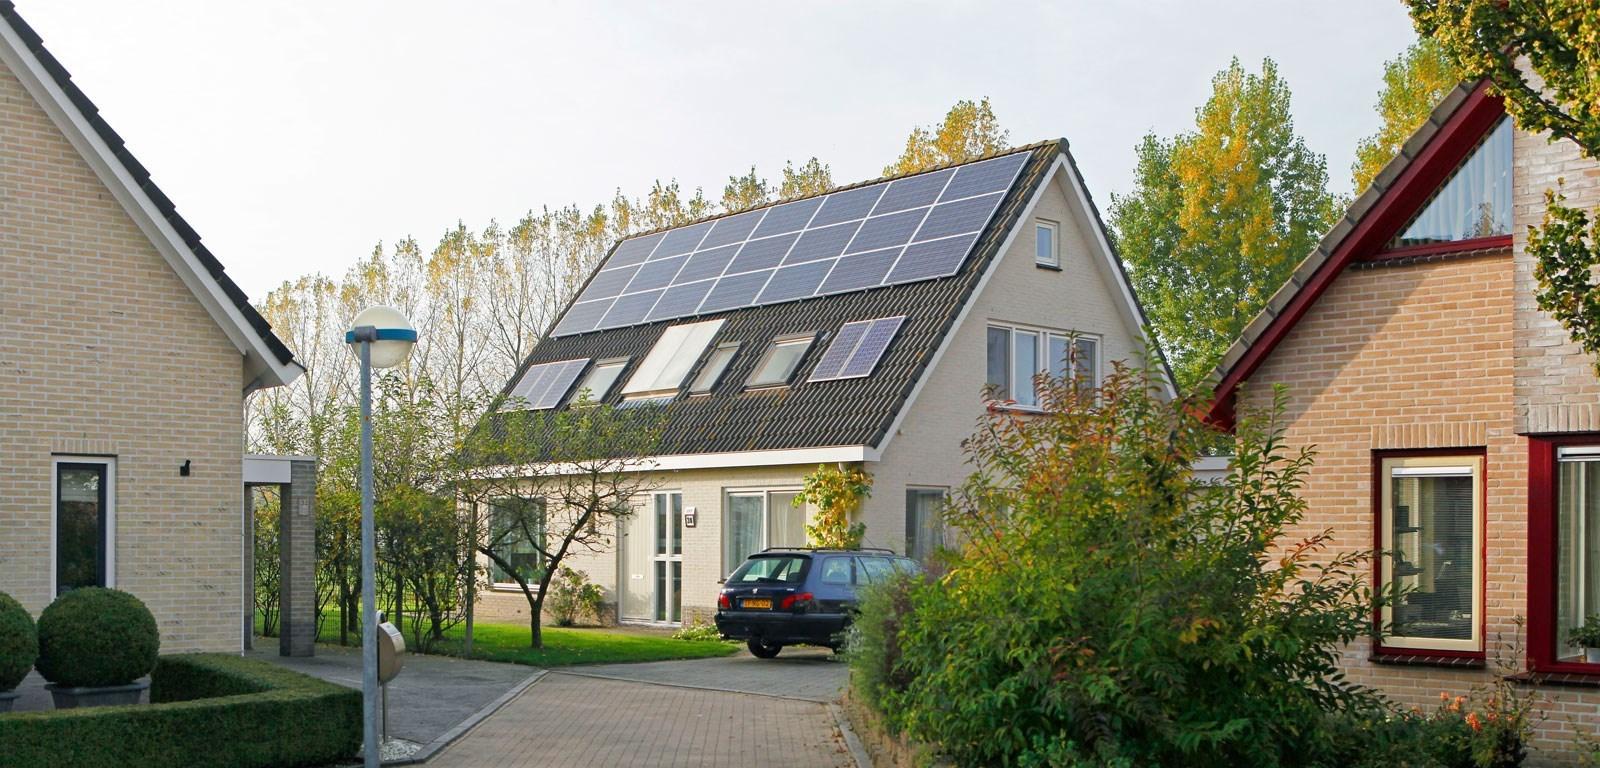 CBS publiceert voortaan data over zonne-energie